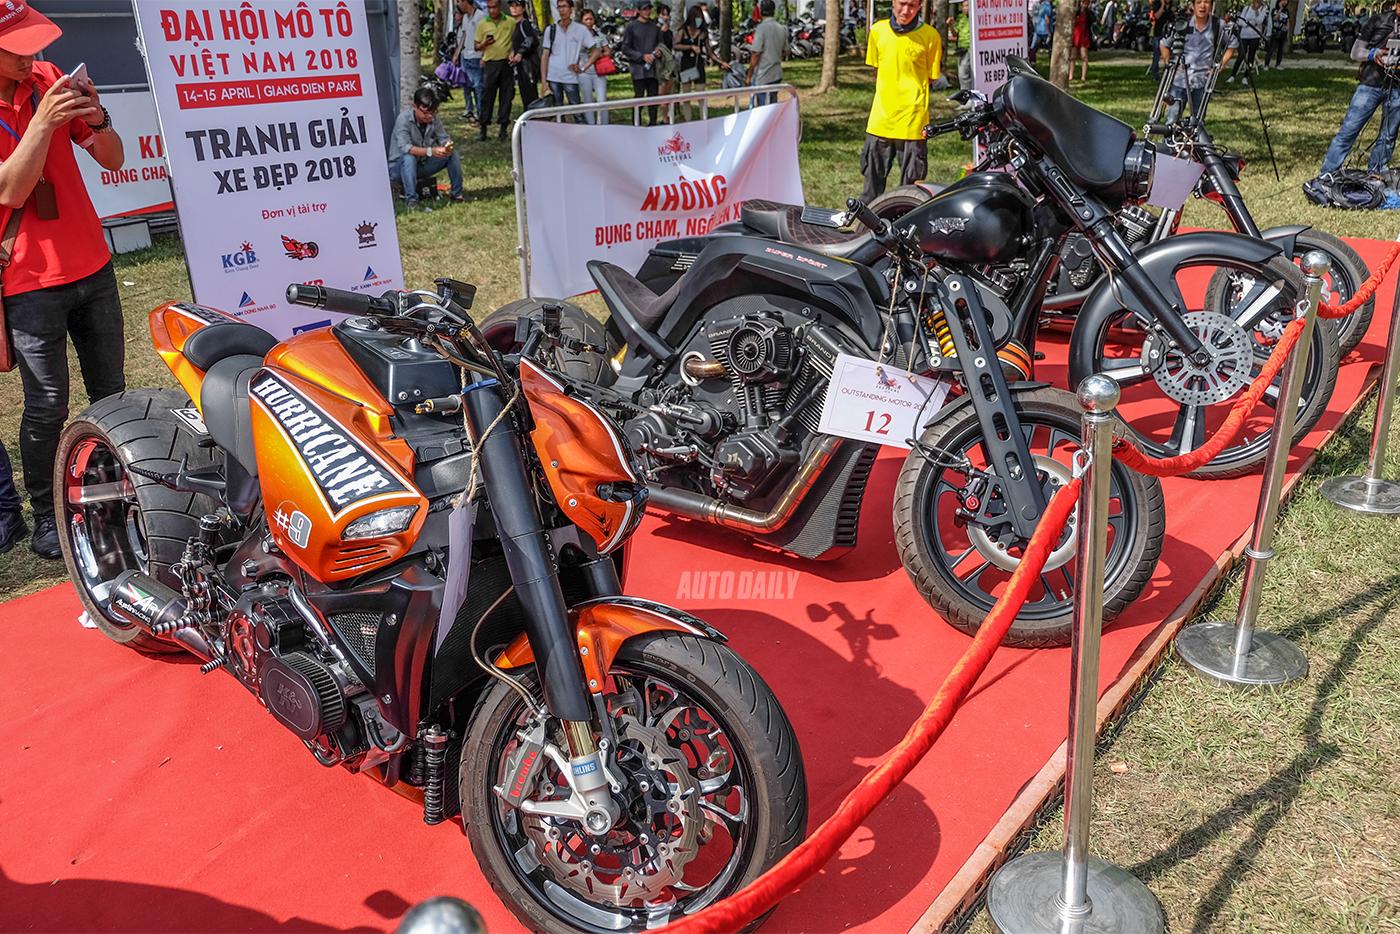 vietnam-motor-festival-2018-24.jpg